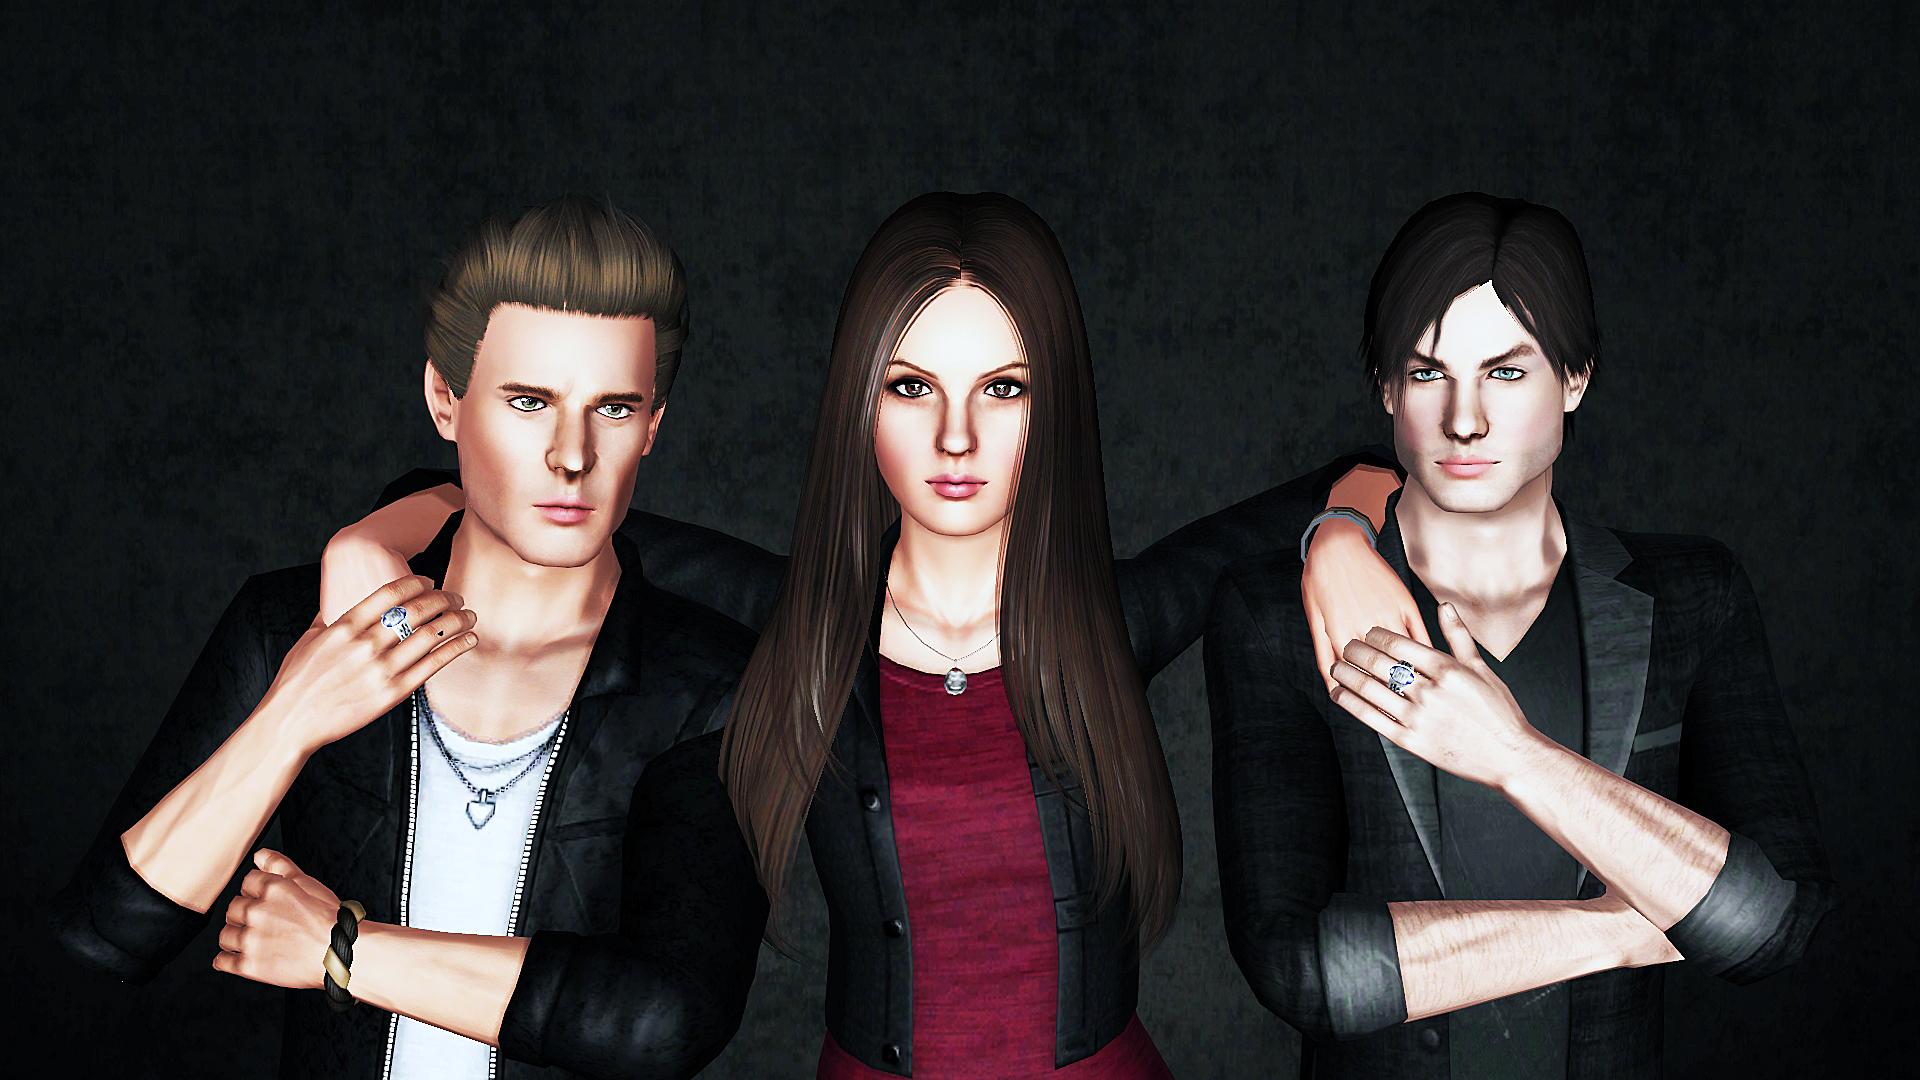 sims 4 vampire how to create vampire